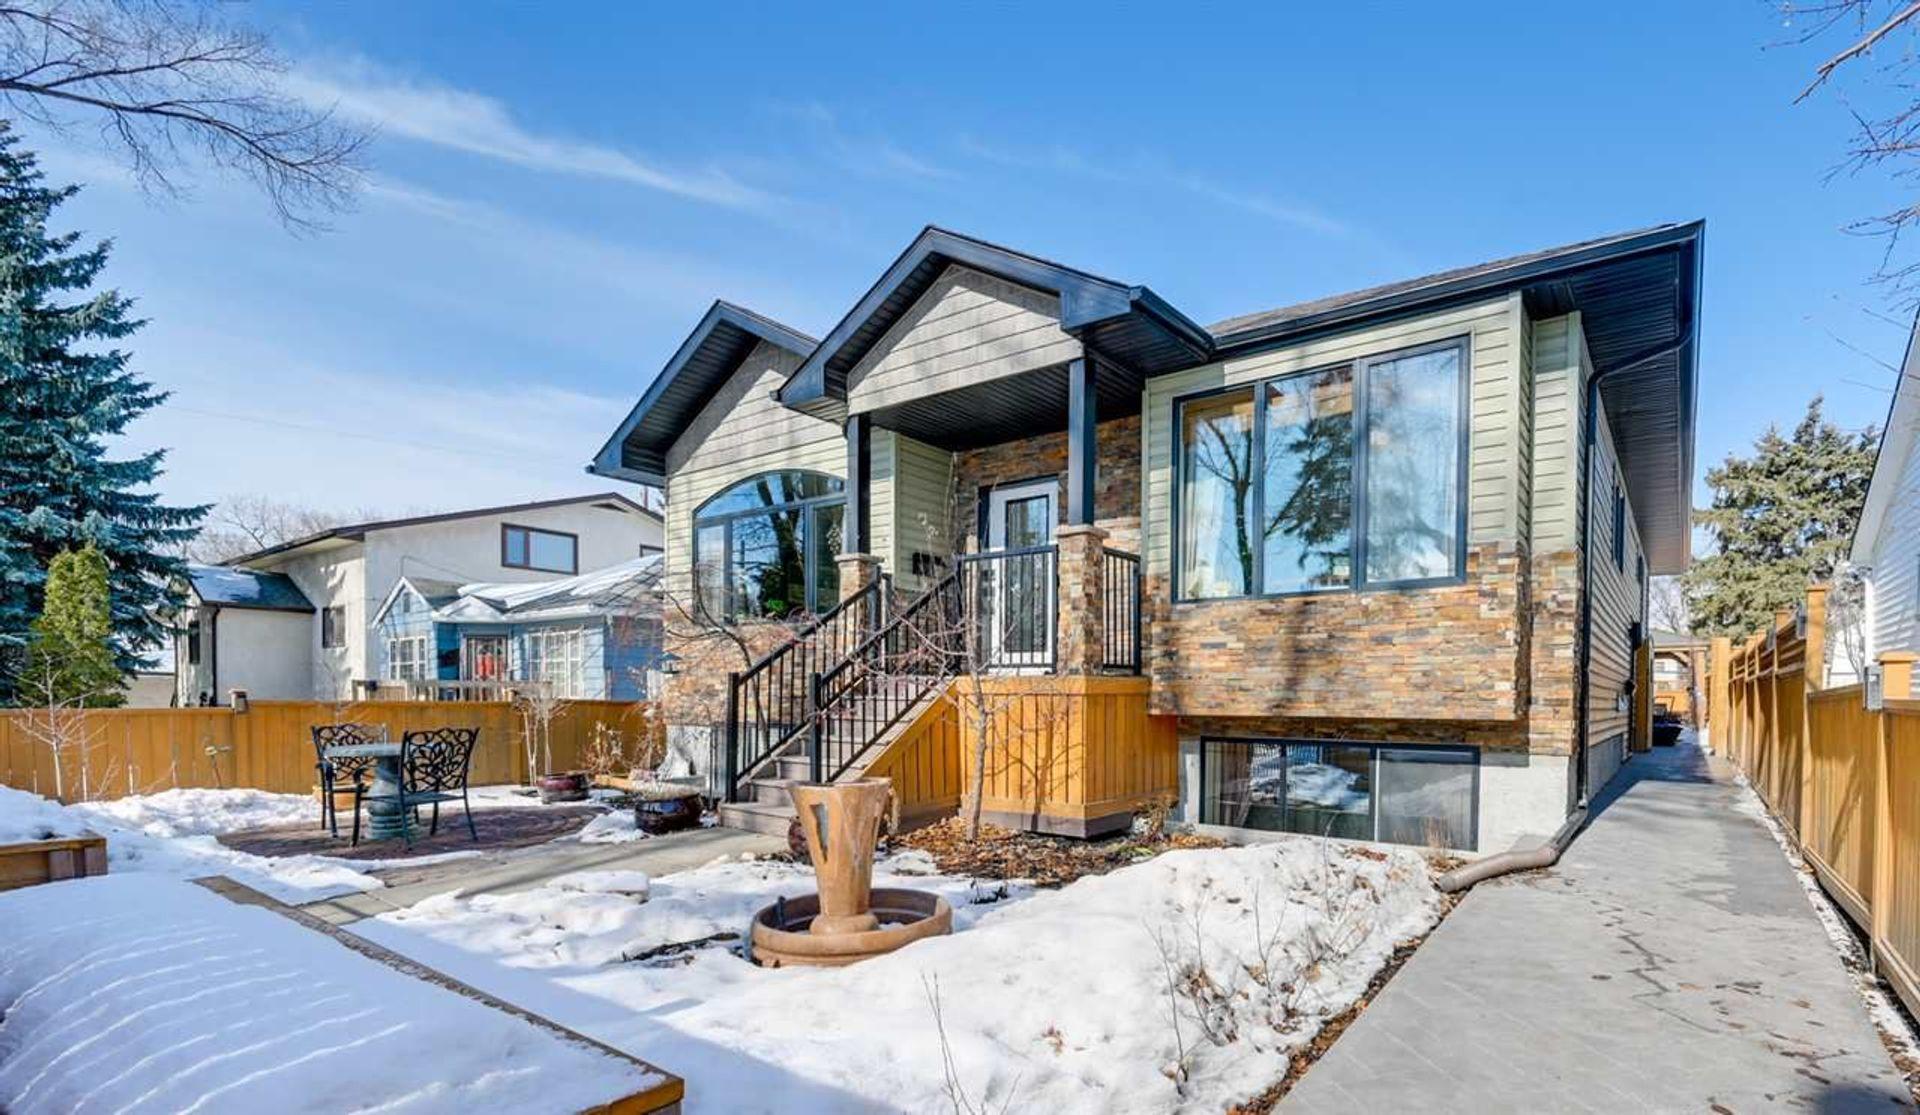 10934 77 Avenue, McKernan, Edmonton